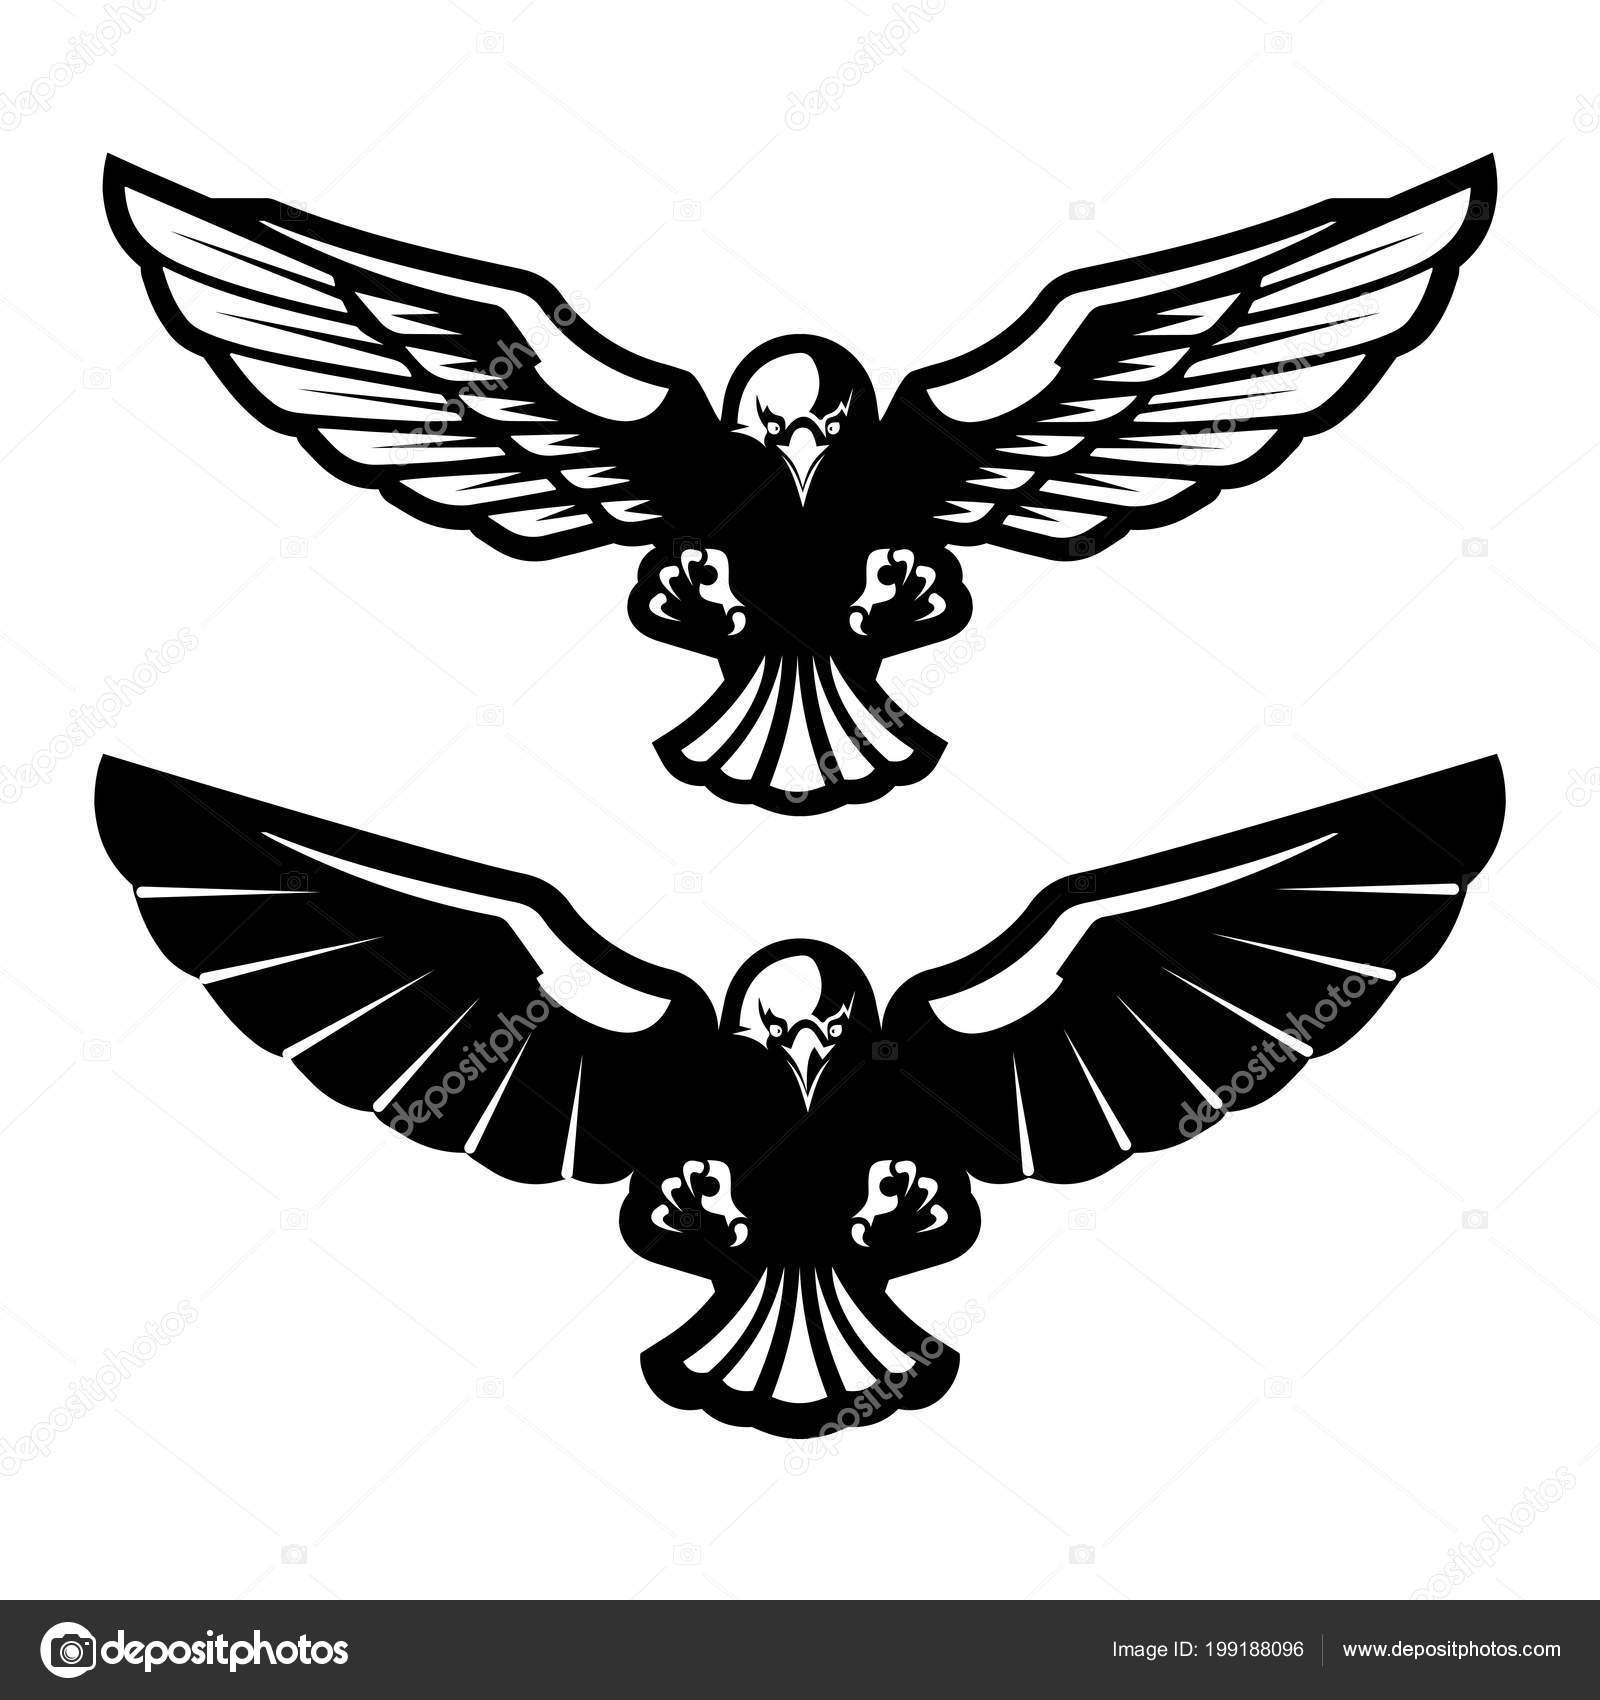 Bird Prey Attacks Vector Illustration Stock Vector C Matc 199188096